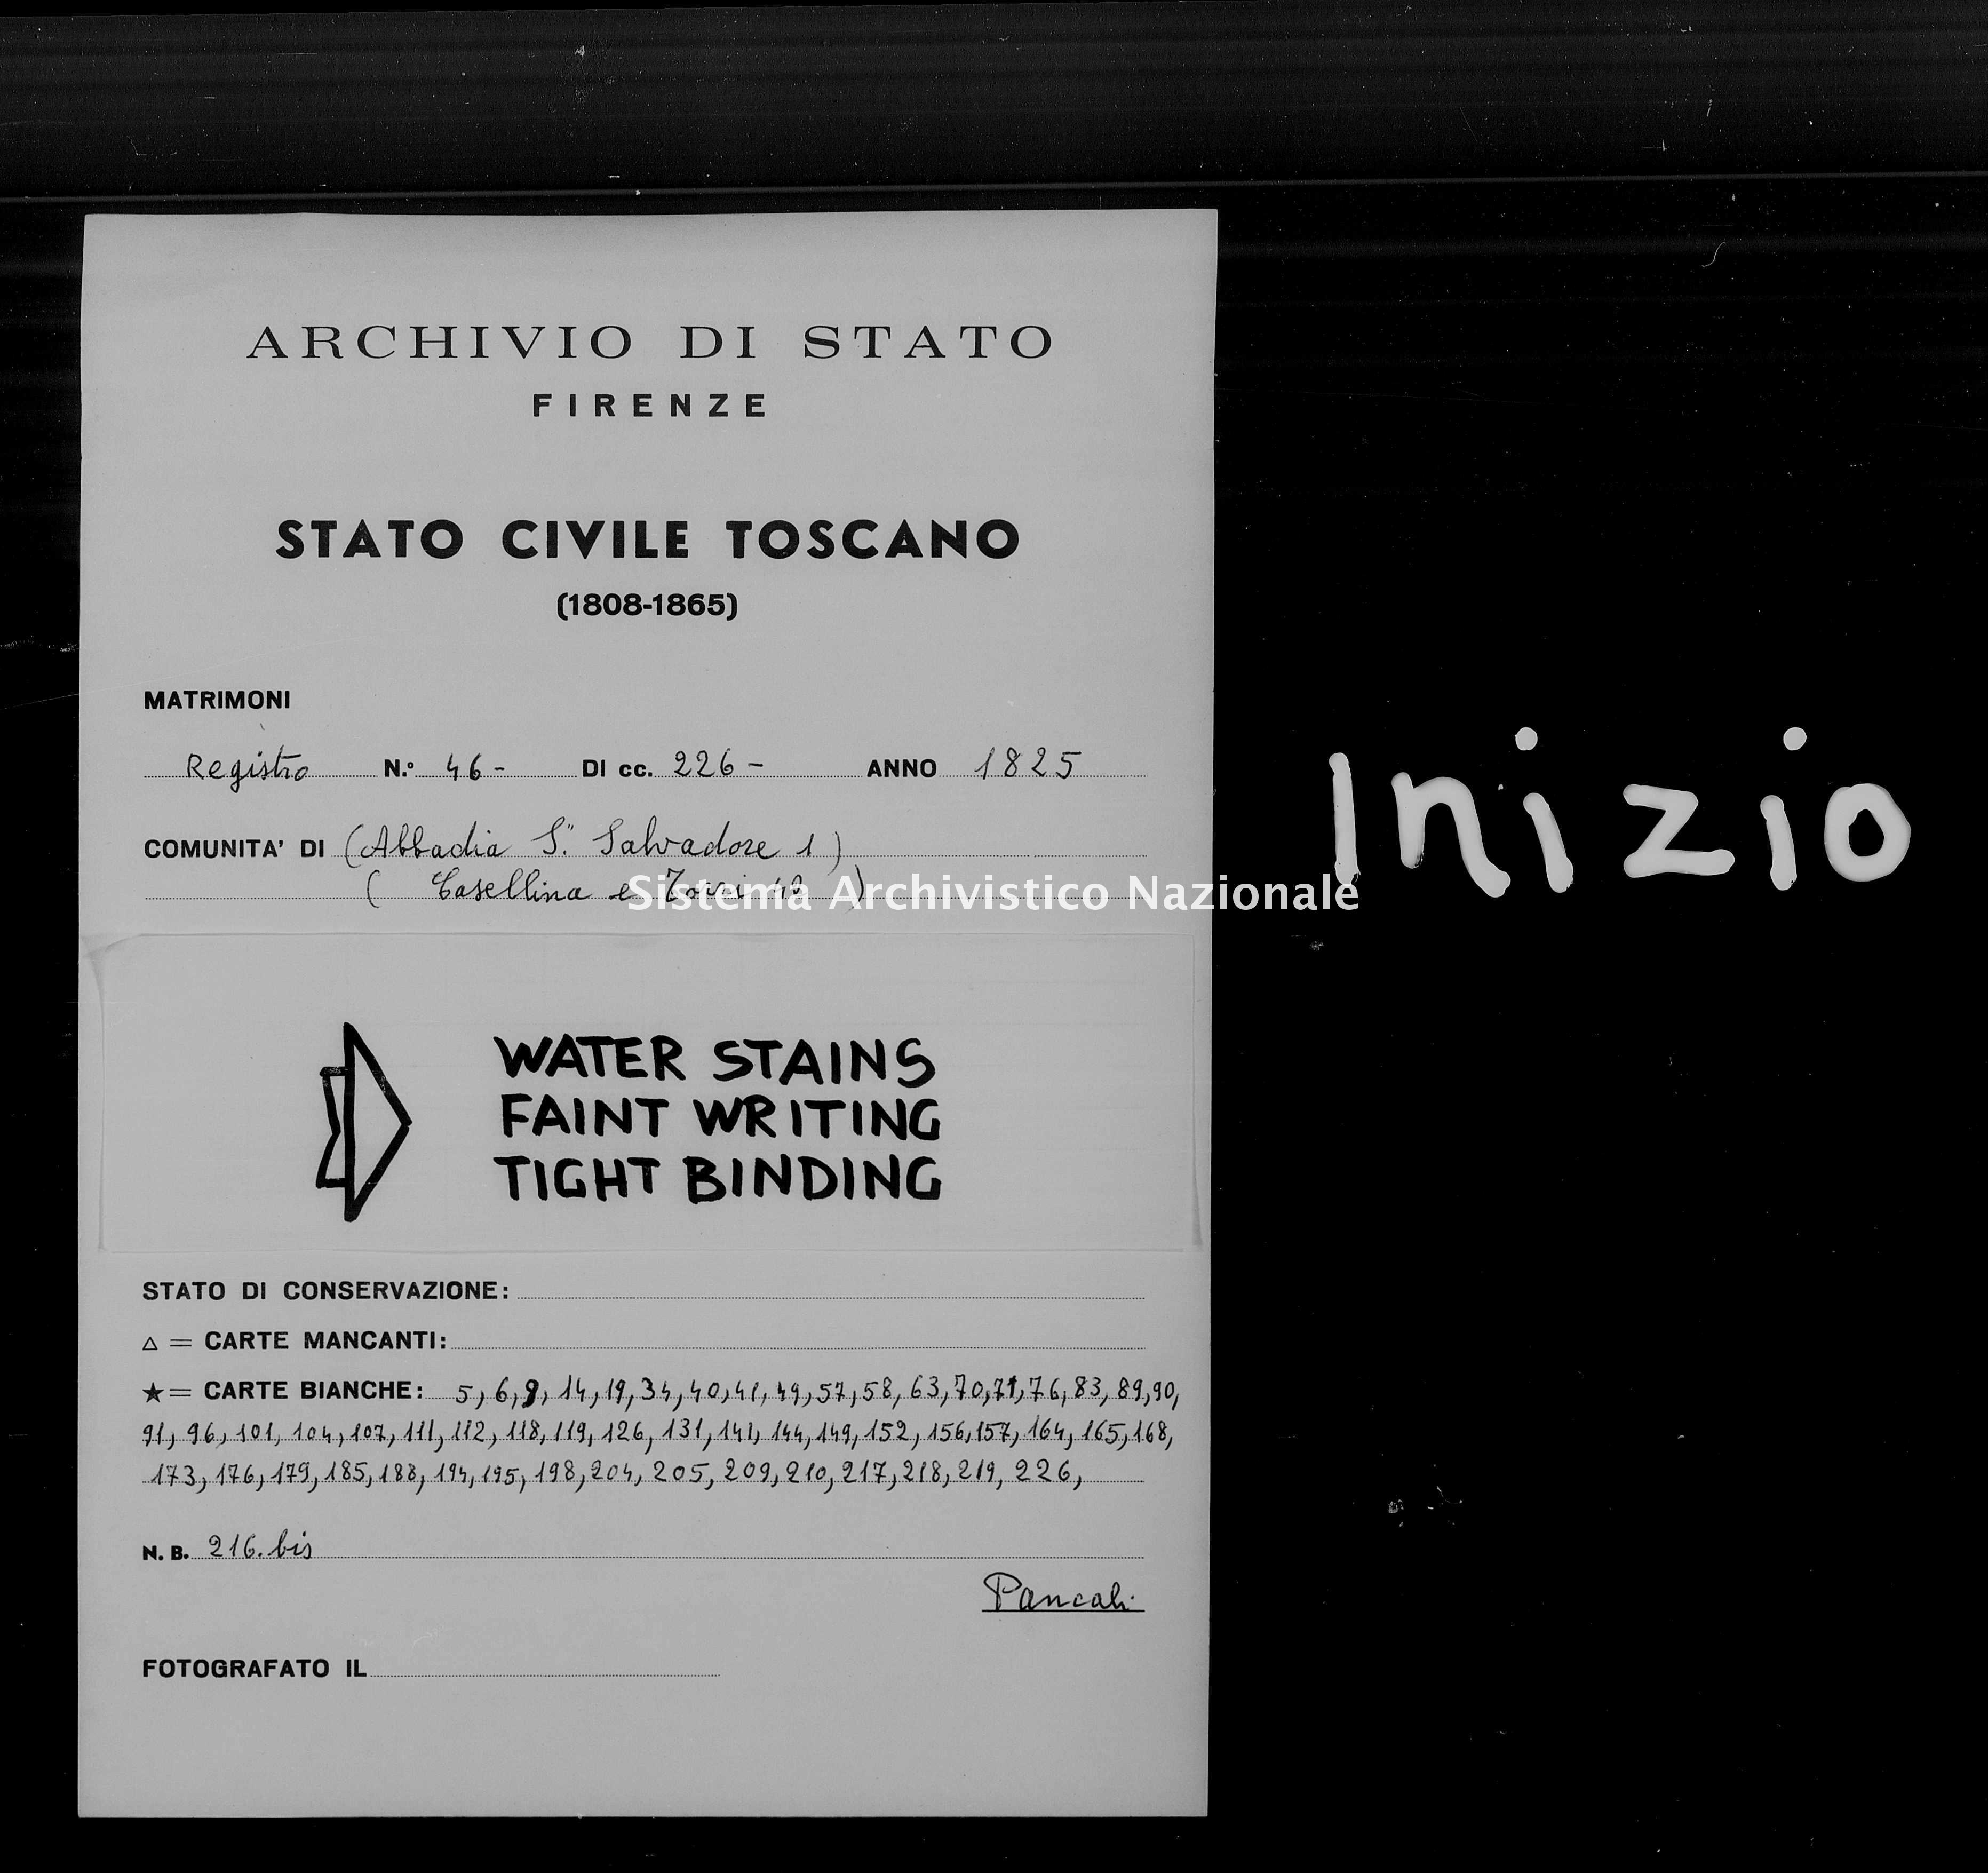 Archivio di stato di Firenze - Stato civile di Toscana (1808-1865) - Abbadia San Salvatore - Matrimoni - 1825 - 46 -